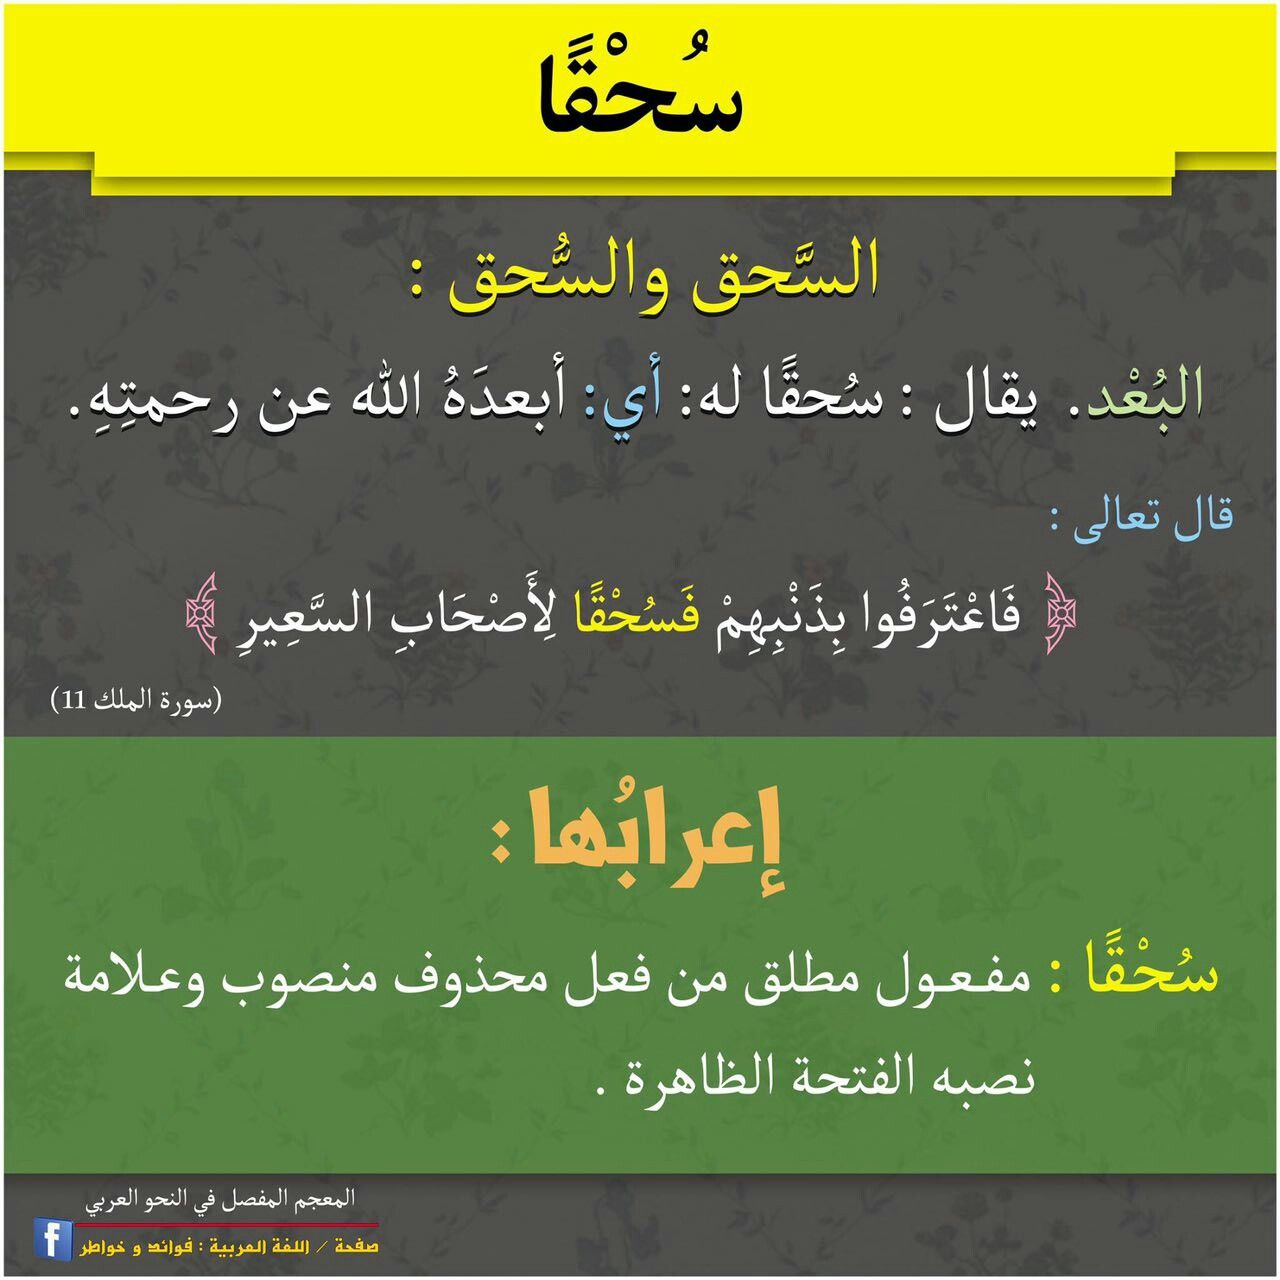 فوائد لغوية سحقا السحق Words Quran Verses Quotes